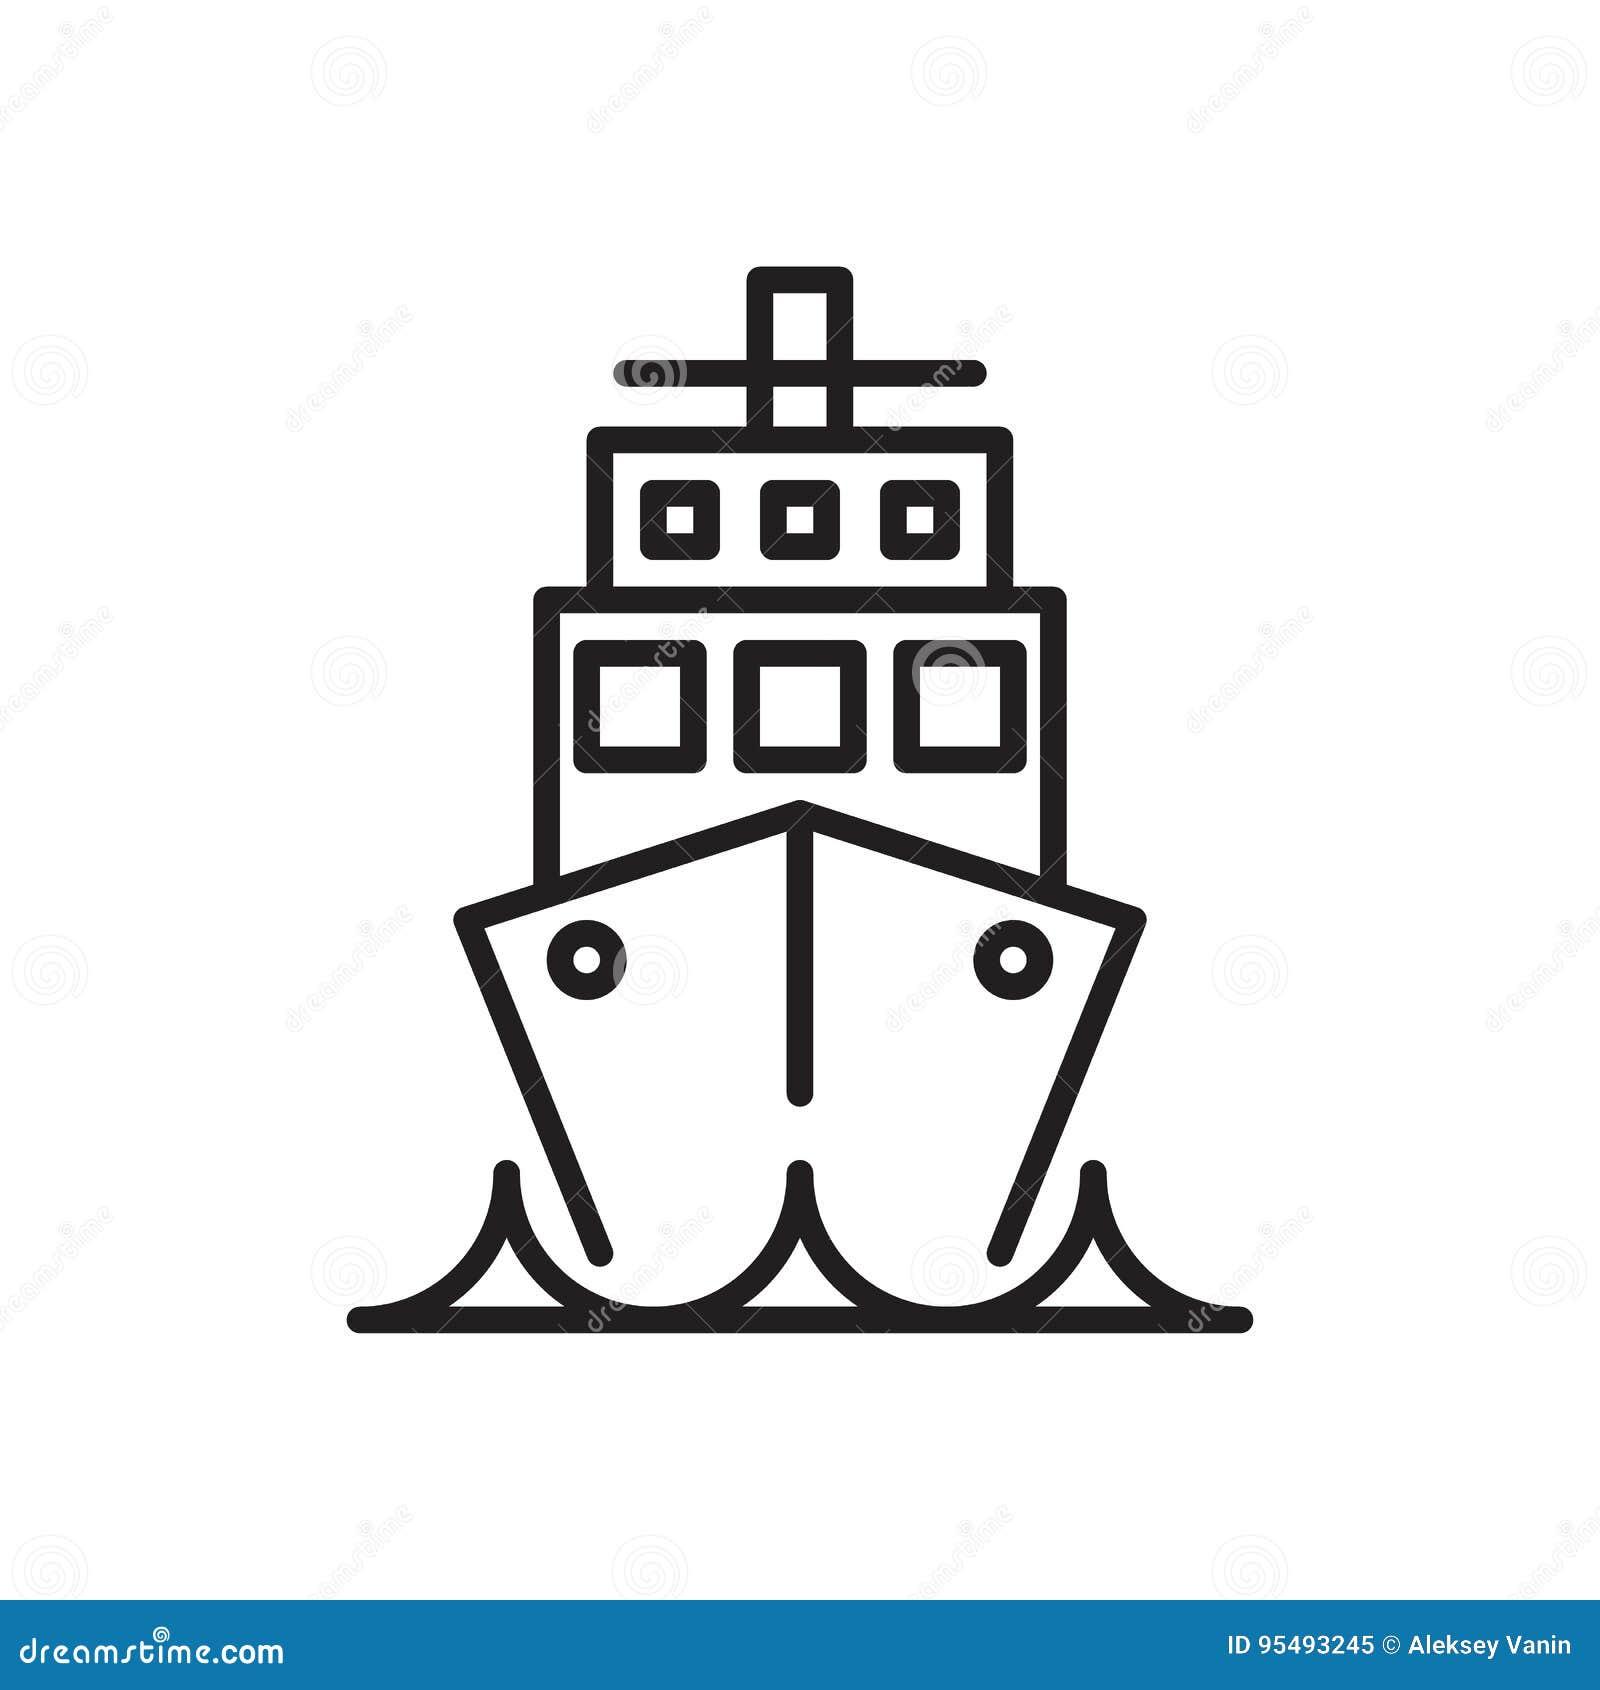 Envie, linha ícone do forro do cruzeiro, sinal do vetor do esboço, pictograma linear do estilo isolado no branco